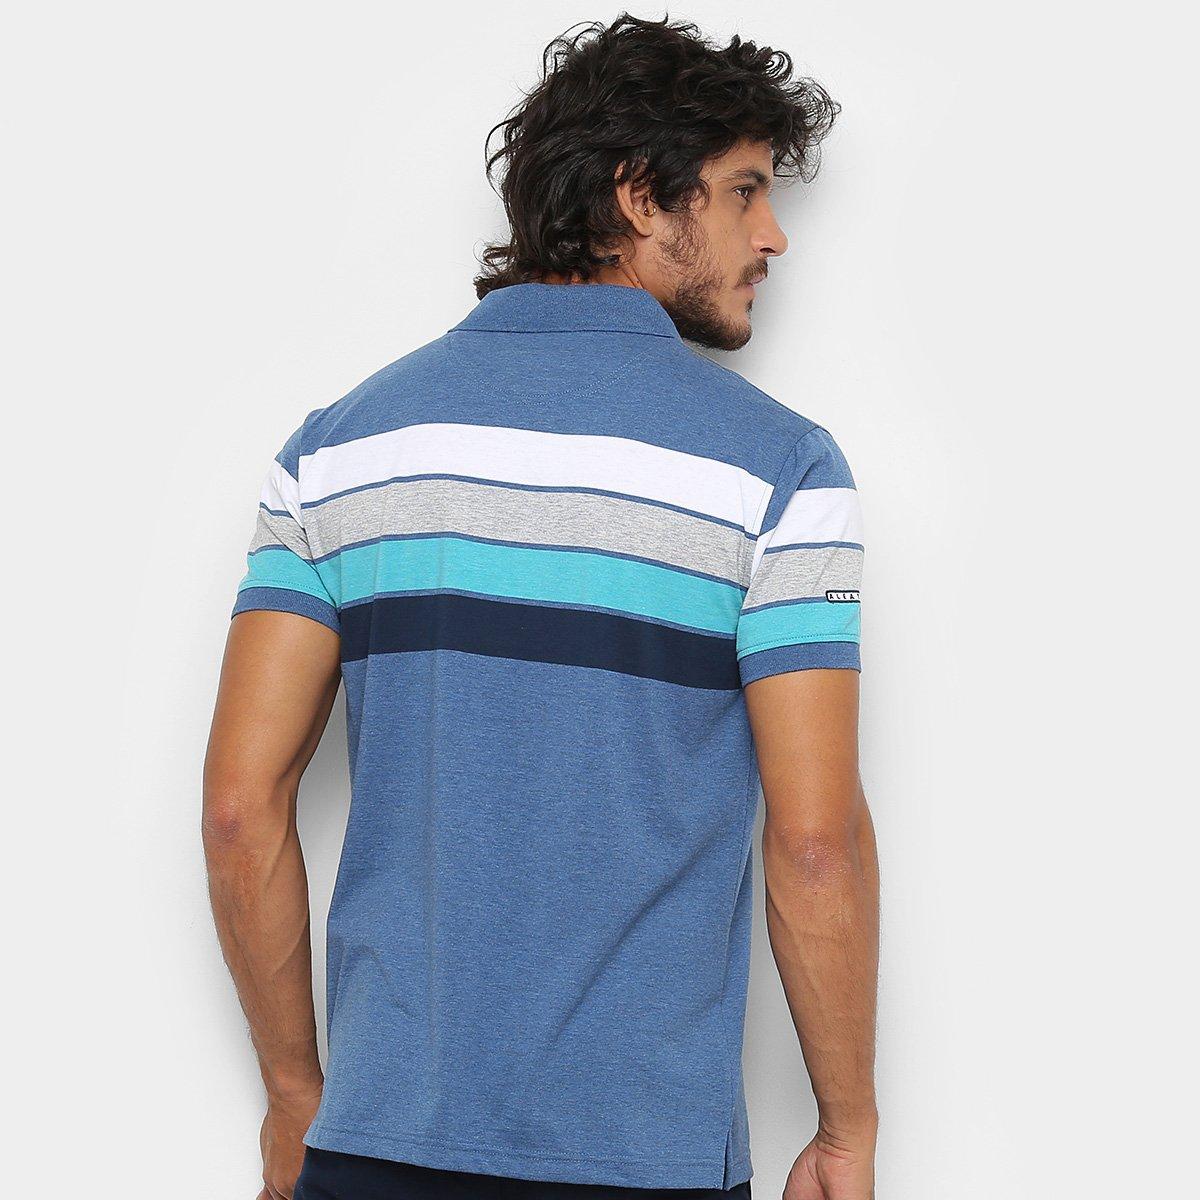 b7f61ea43f Camisa Polo Aleatory Fio Estampa Listrada Masculina - Azul e Branco ...